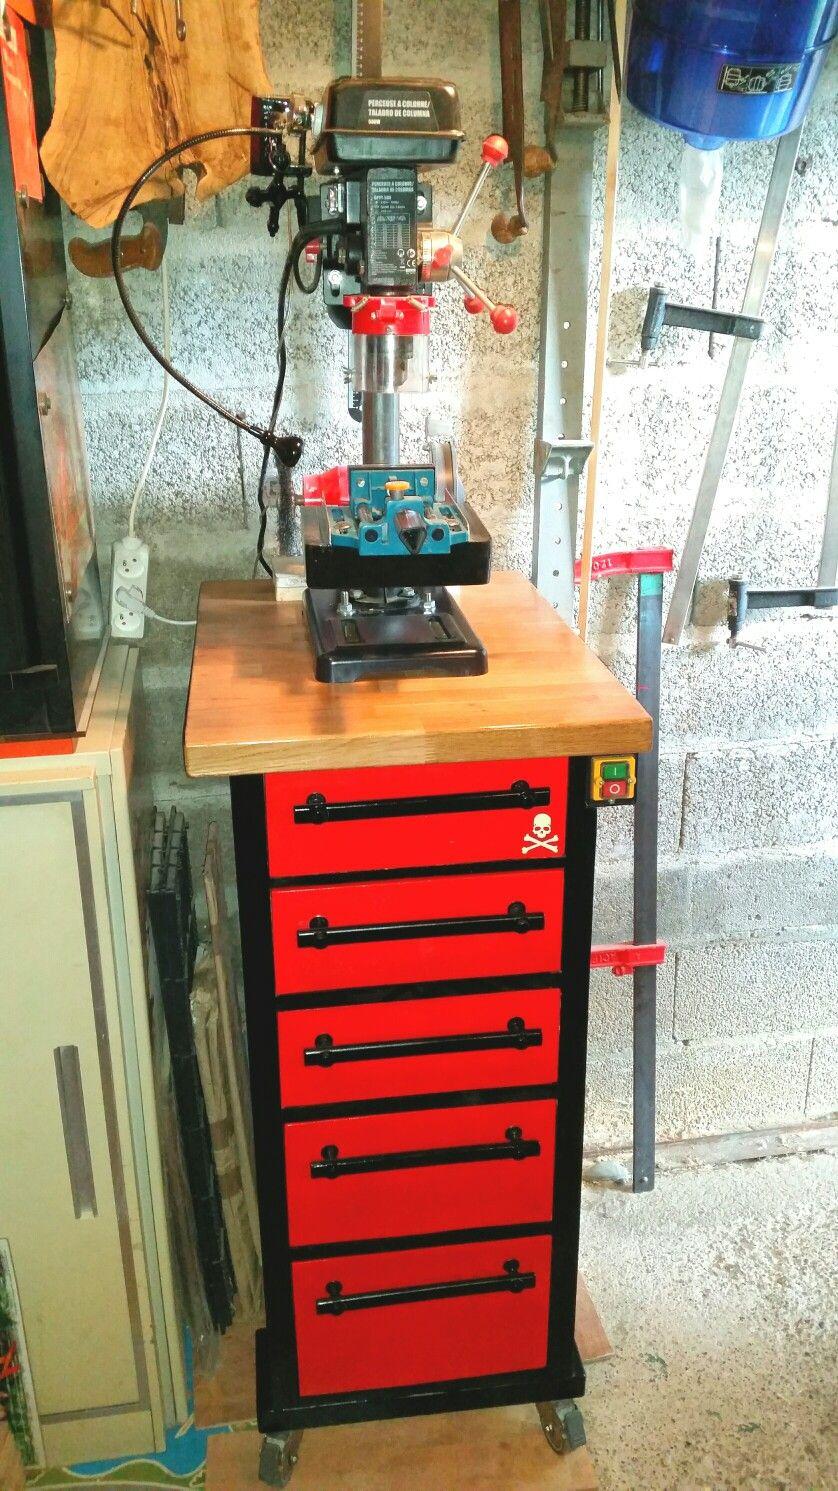 Diy Mobile Drill Press Cabinet By R2ekogp Etape 13 2 Meuble Perceuse A Colonne Fait Maison Vue De Face Perceuse A Colonne Diy Meuble Perceuse